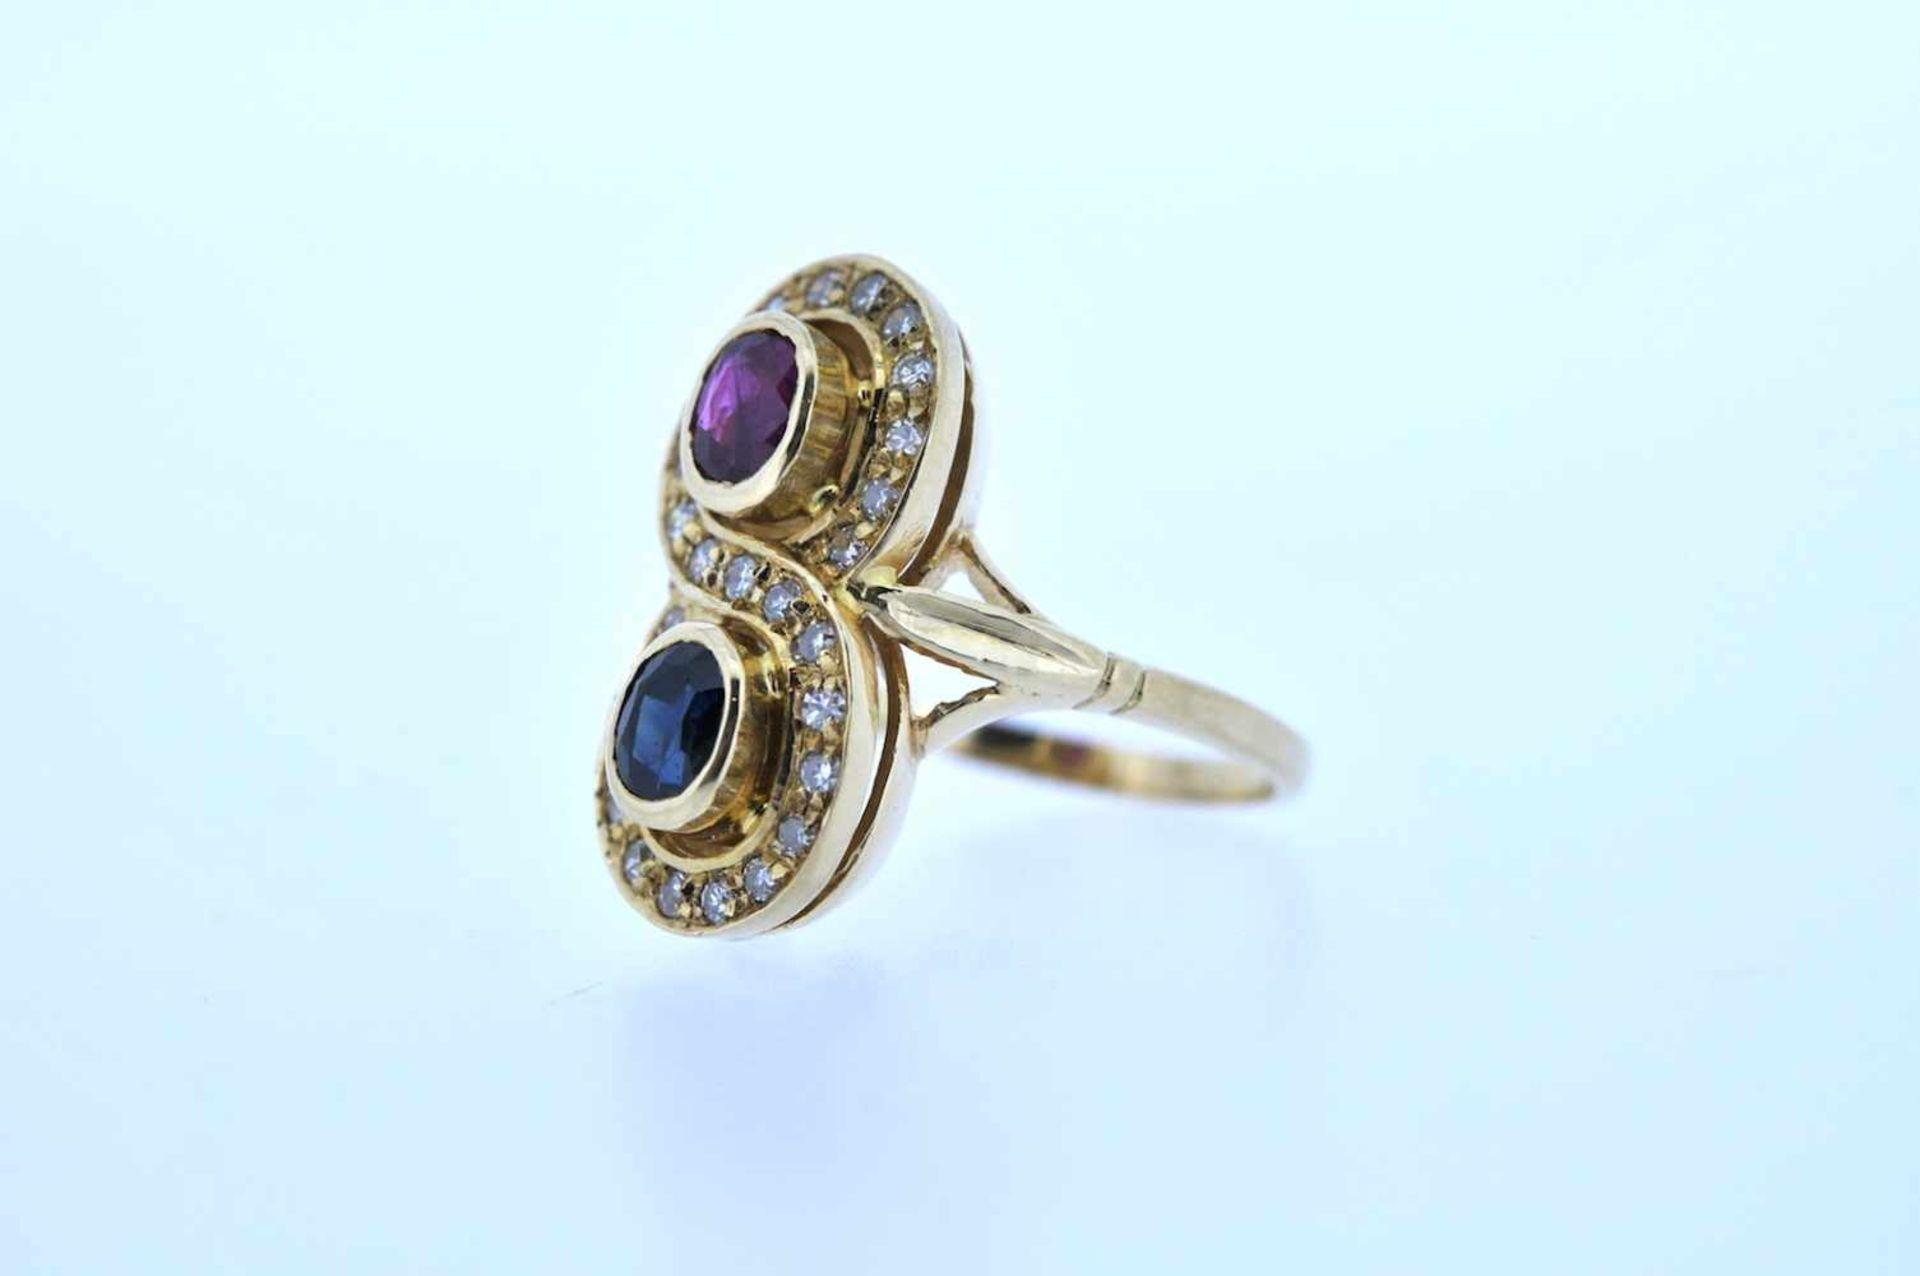 Ring Goldener Ring mit Brillanten, zus. ca. 0,20 ct und je einem Rubin und einem Saphir, zus.ca. - Bild 2 aus 3